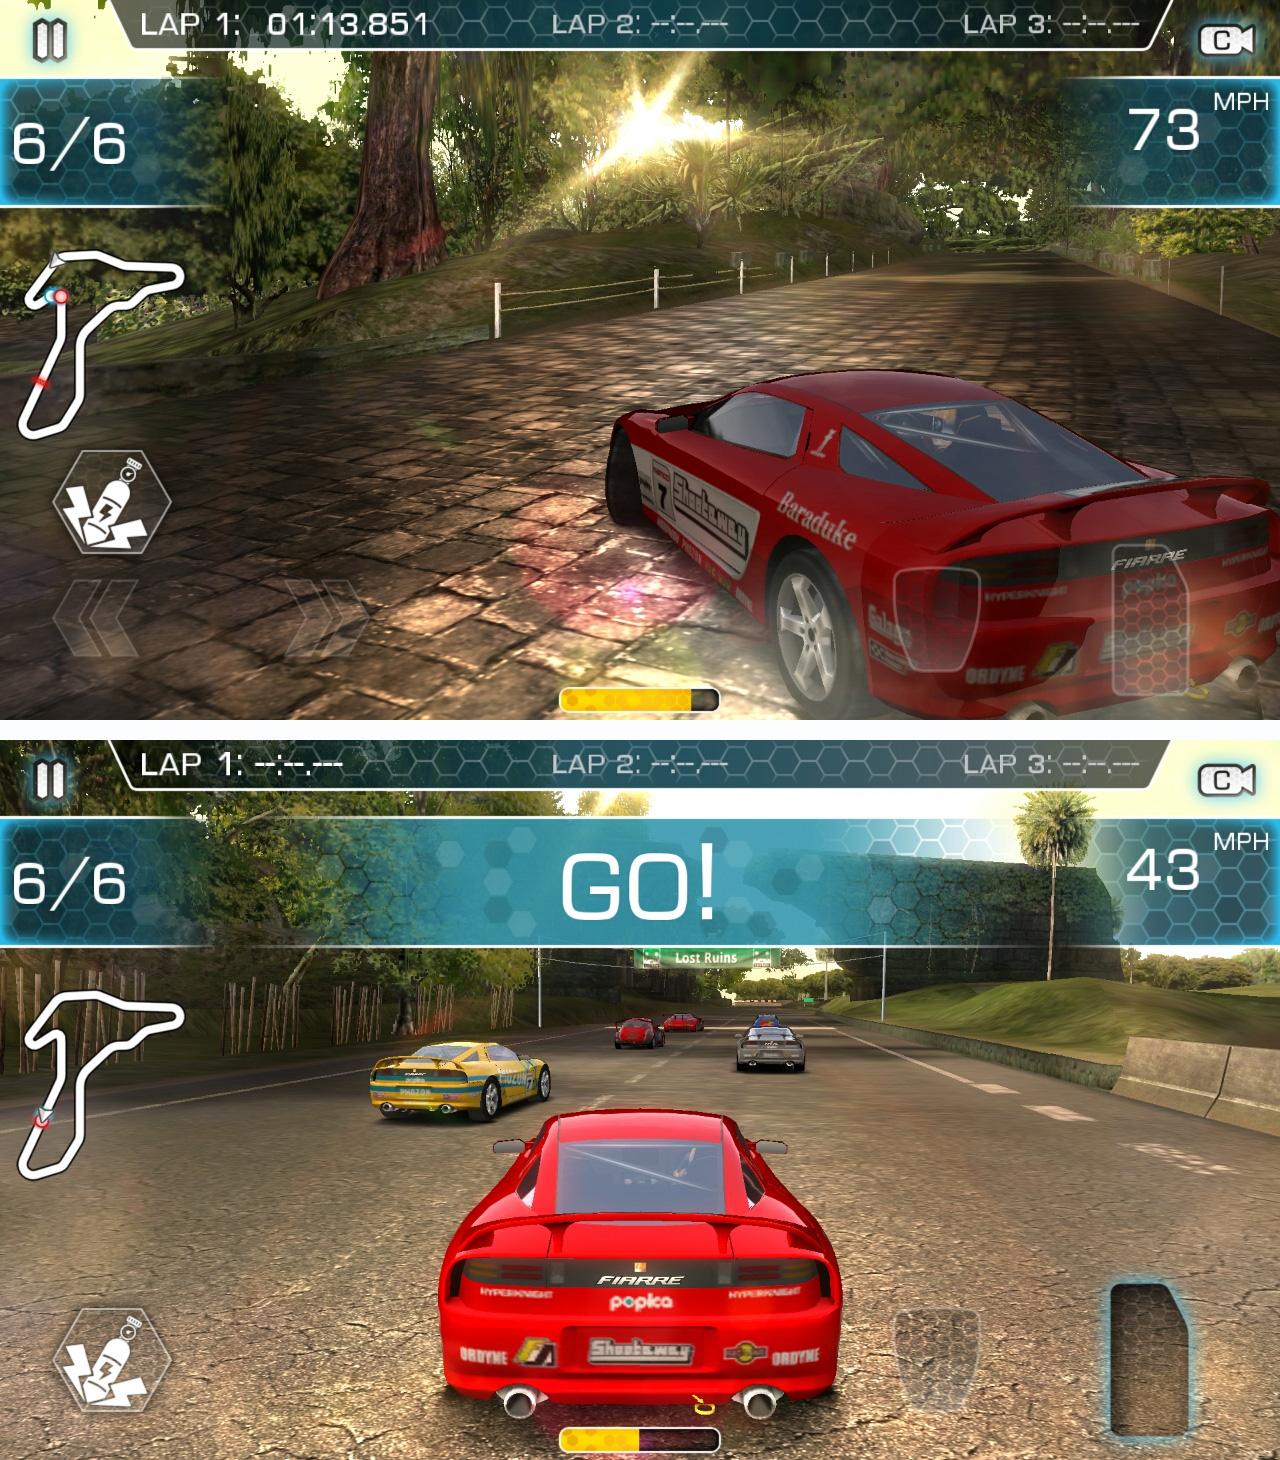 リッジレーサー スリップストリーム(Ridge Racer Slipstream) androidアプリスクリーンショット1